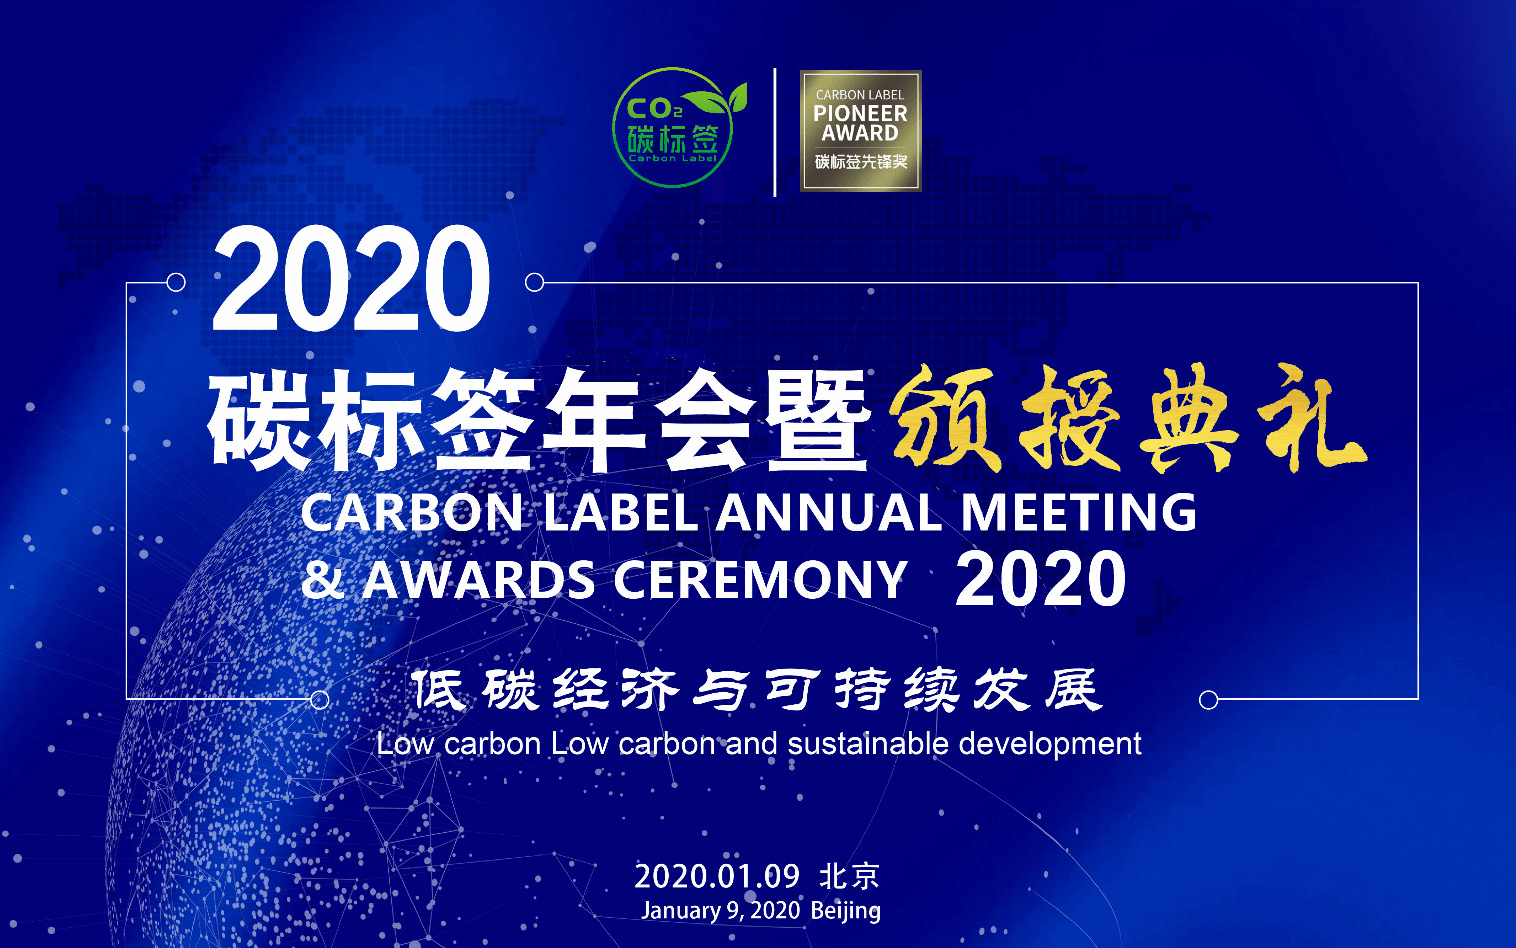 2020碳标签年会暨颁授典礼 -低碳经济与可持续发展